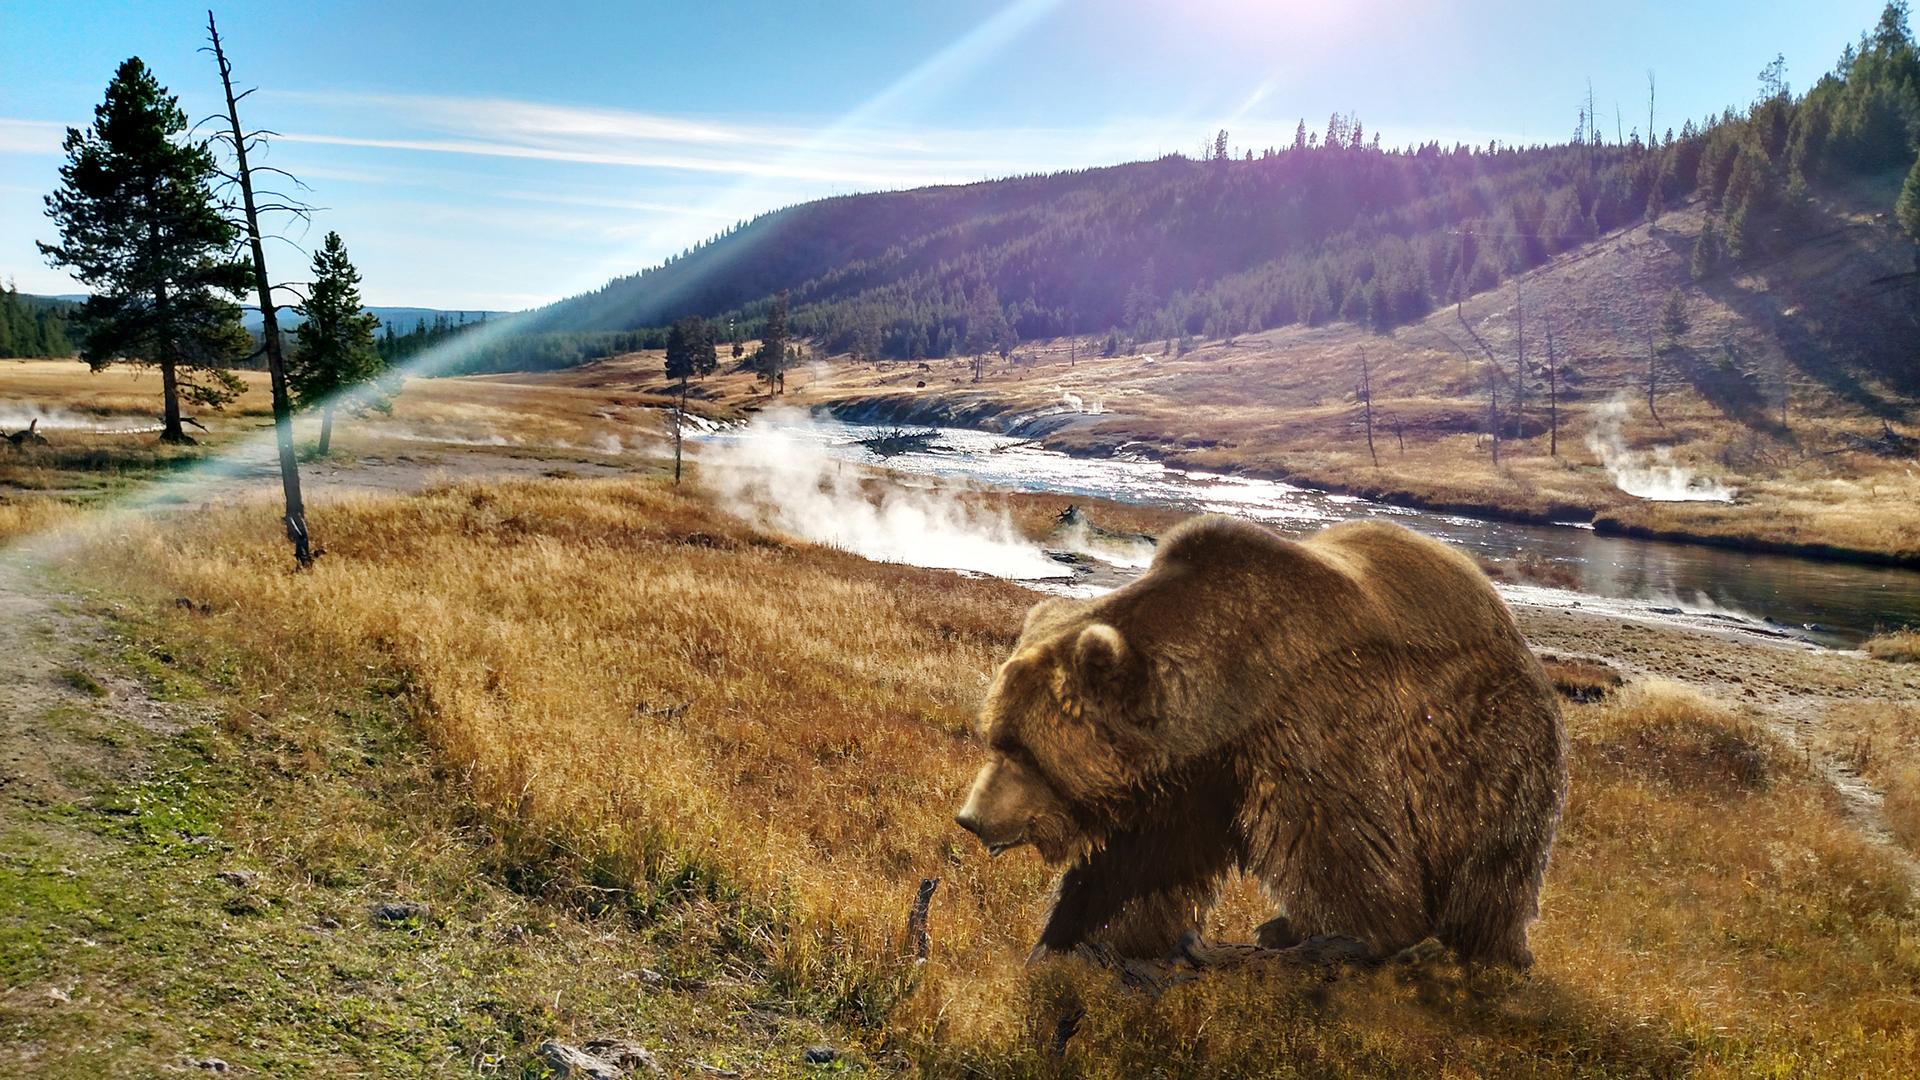 El parque de Yellowstone está situado sobre una meseta, a una altitud de 2400 metros sobre el nivel del mar, y alberga una gran variedad de animales salvajes como osos pardos, lobos, bisontes y alces